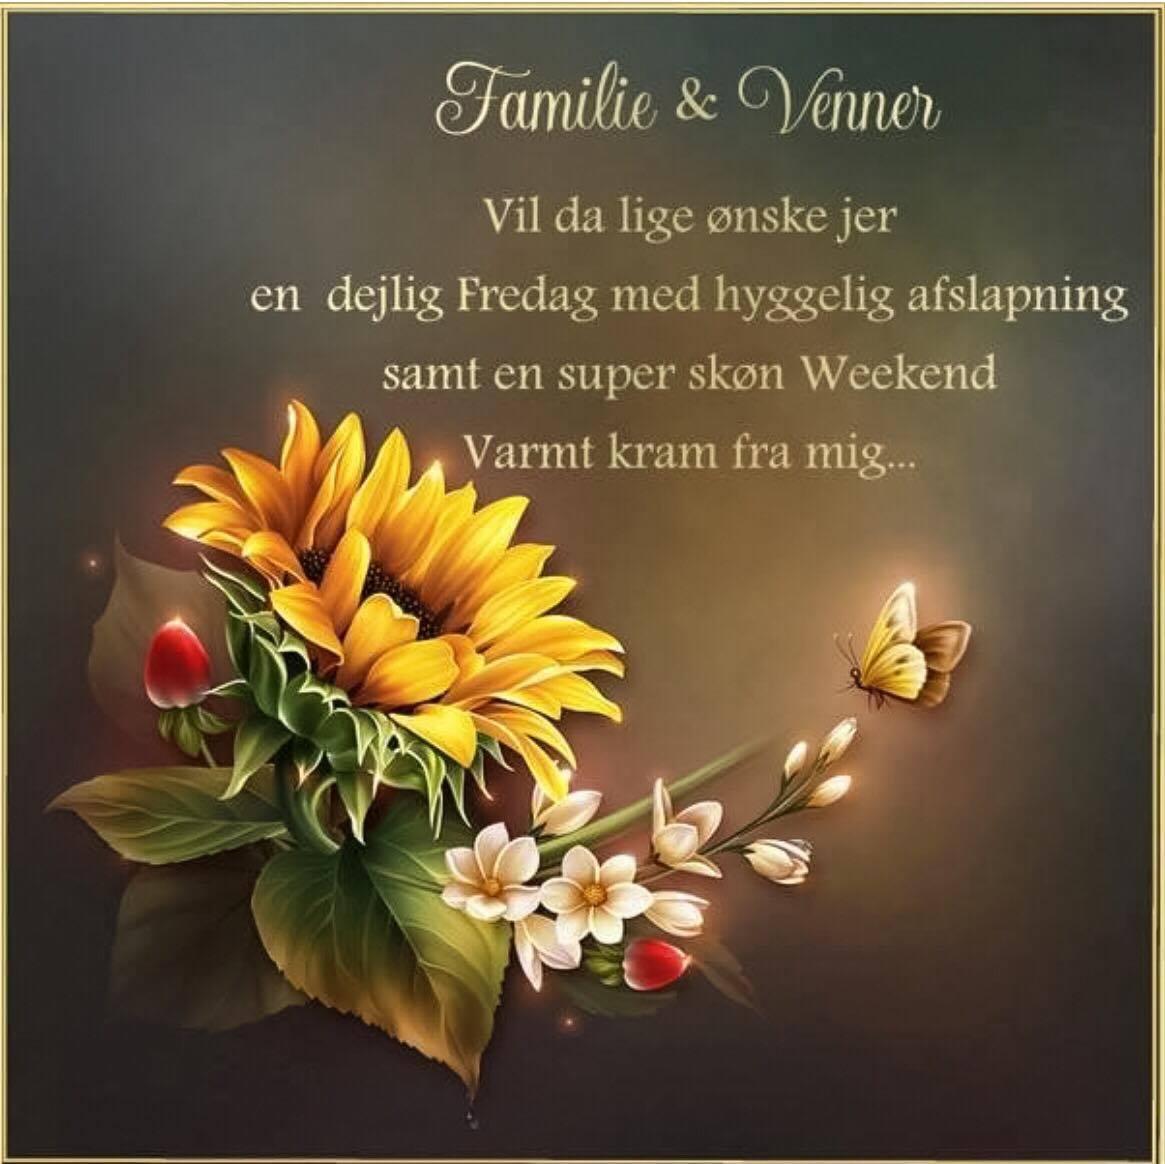 citater om familie og venner venner   Danmarks smukkeste citater, digte og ordsprog. citater om familie og venner